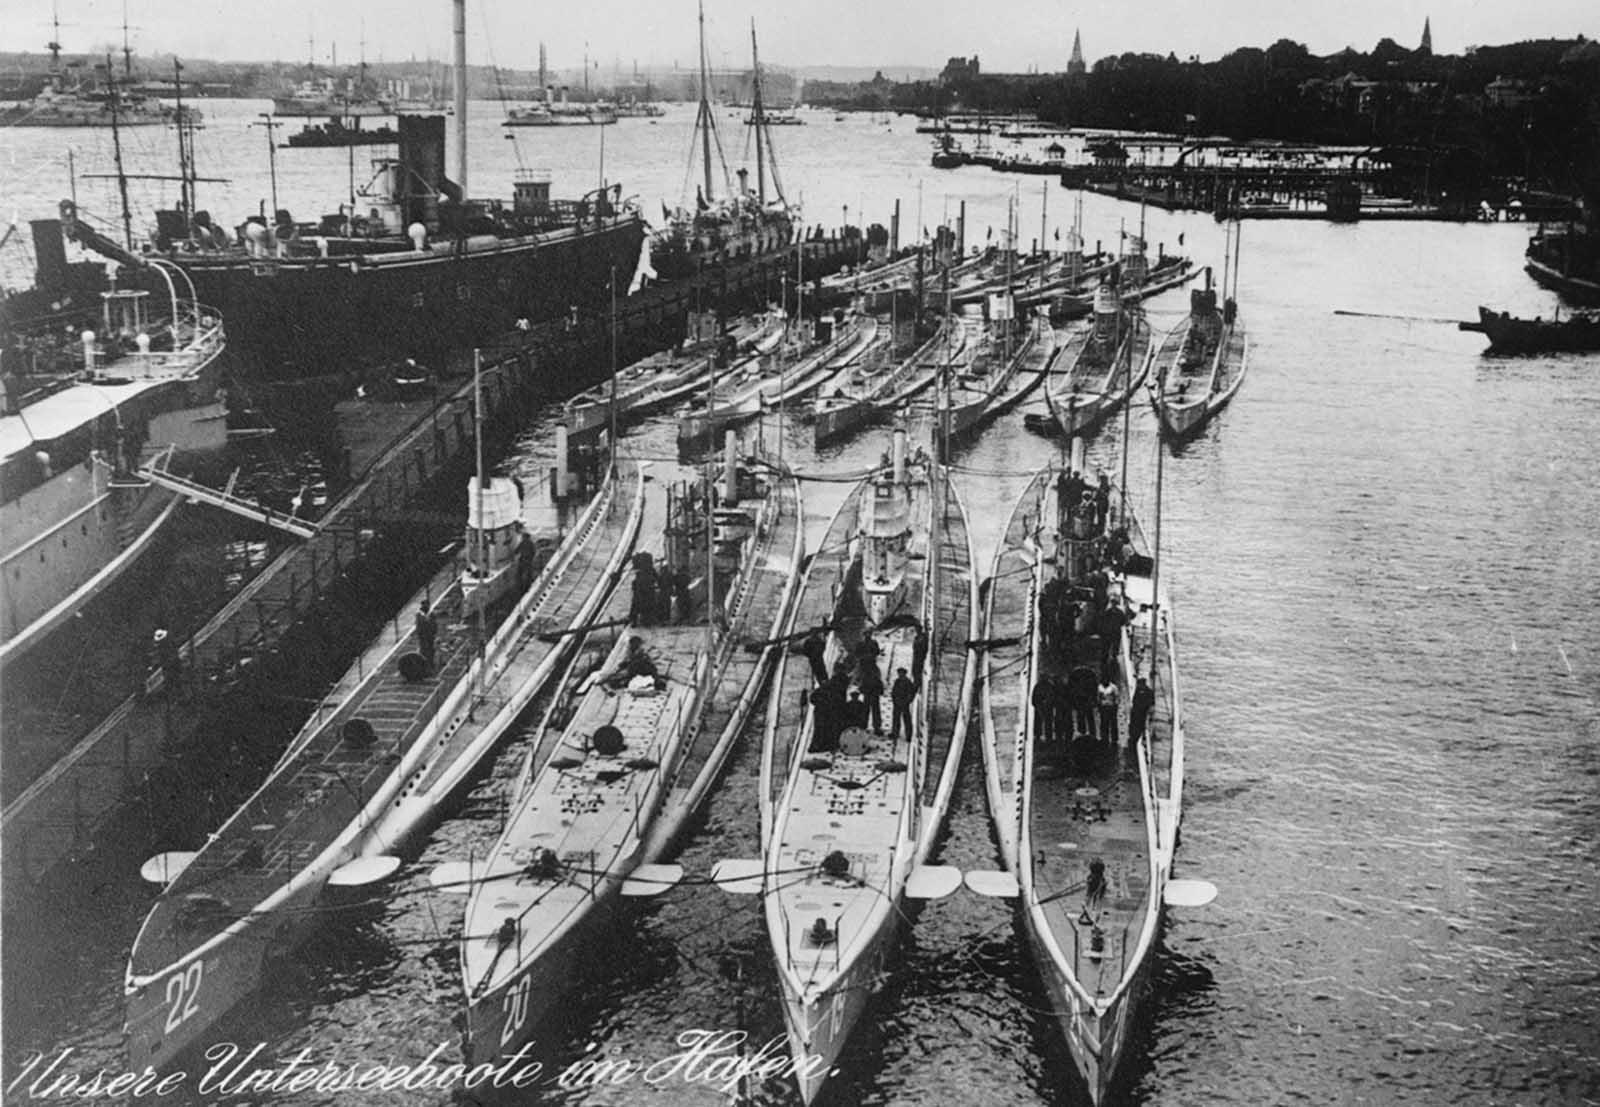 Submarinos alemanes en un puerto, el título, en alemán, dice